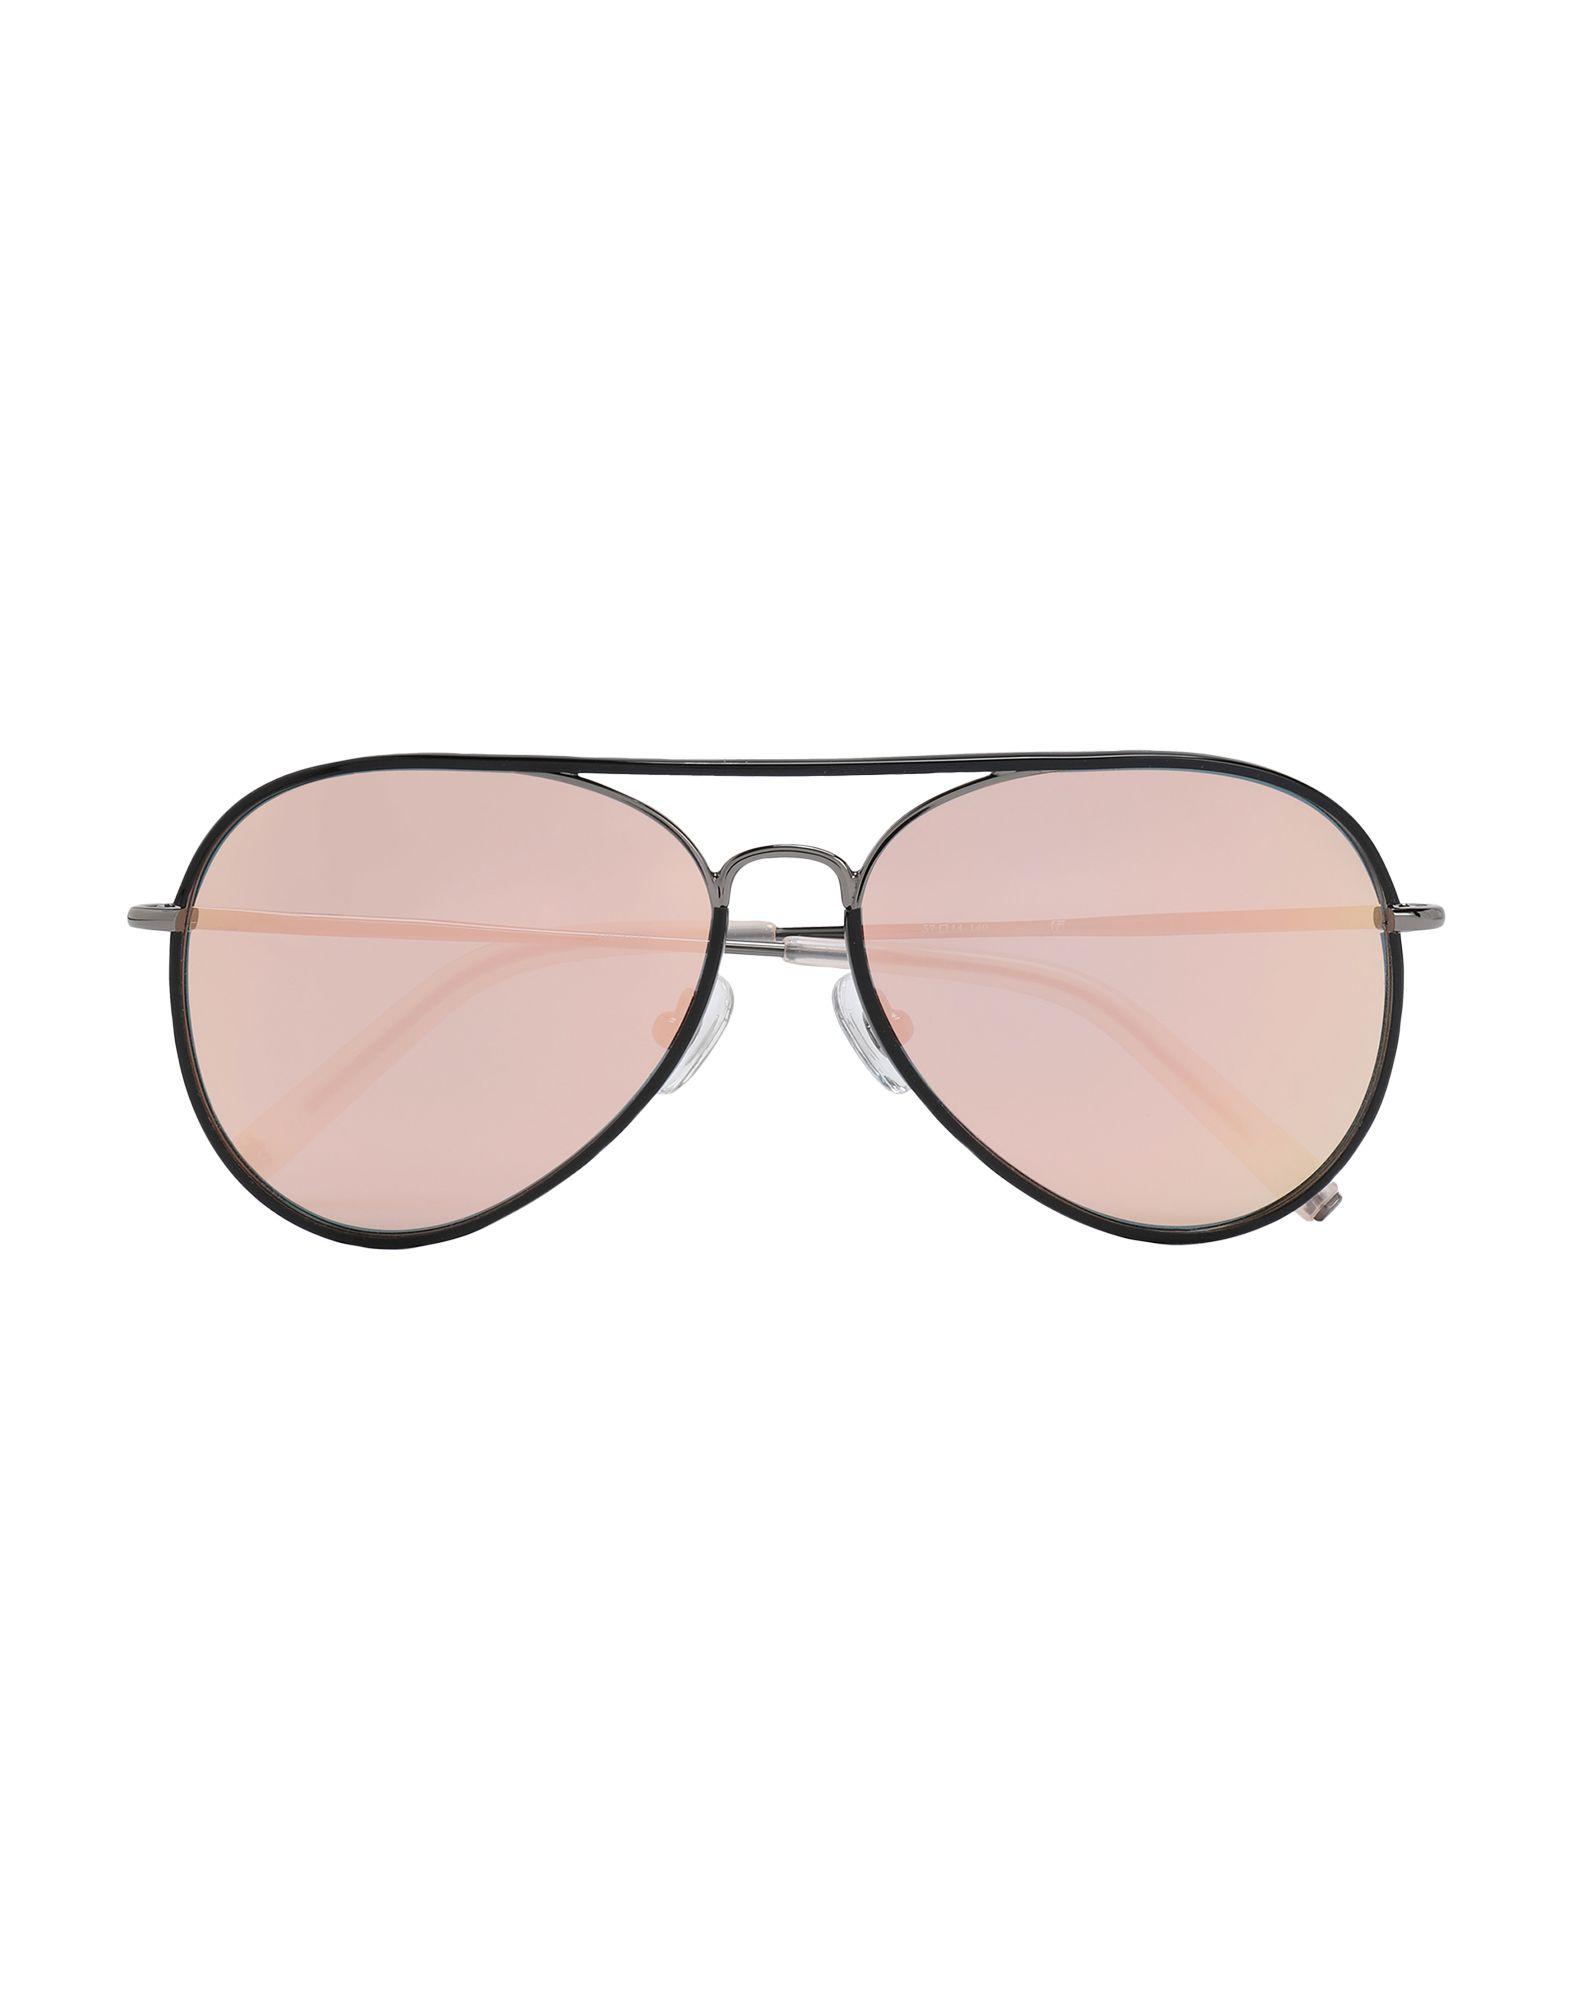 цена LINDA FARROW with MATTHEW WILLIAMSON Солнечные очки онлайн в 2017 году